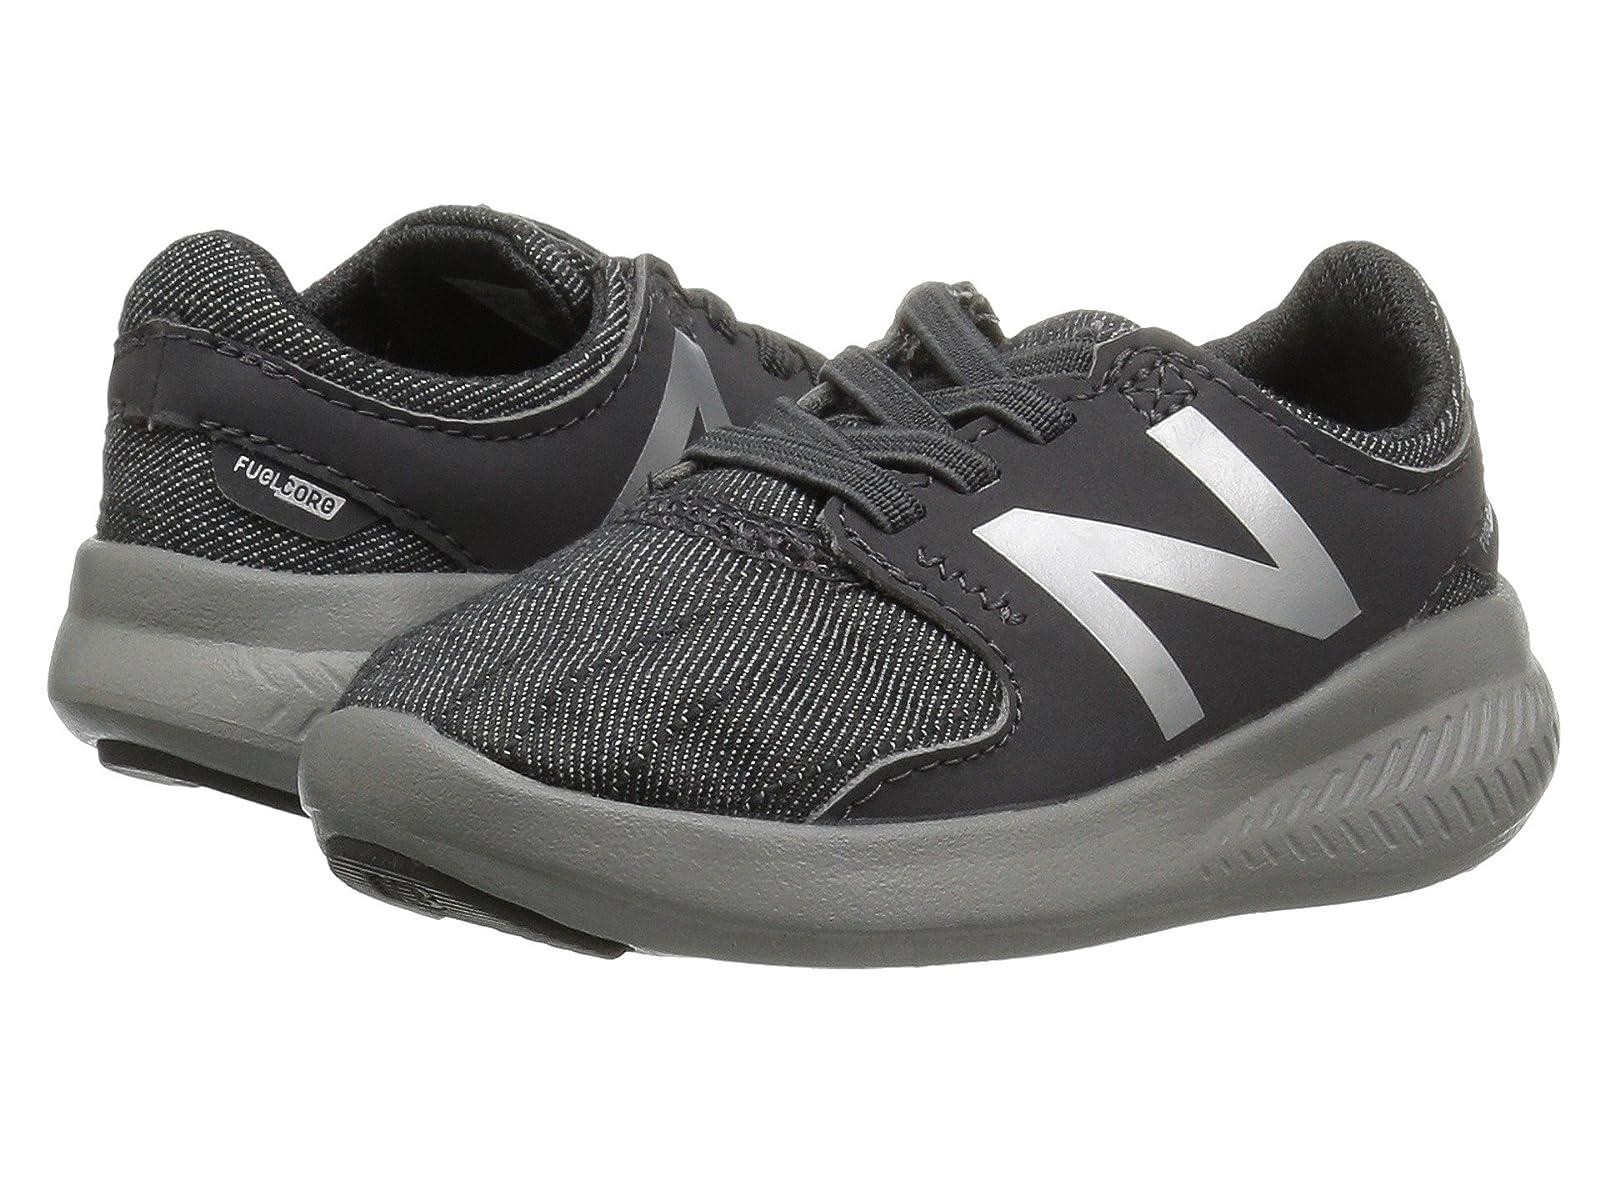 New Balance Kids KACSTv3I (Infant/Toddler)Atmospheric grades have affordable shoes